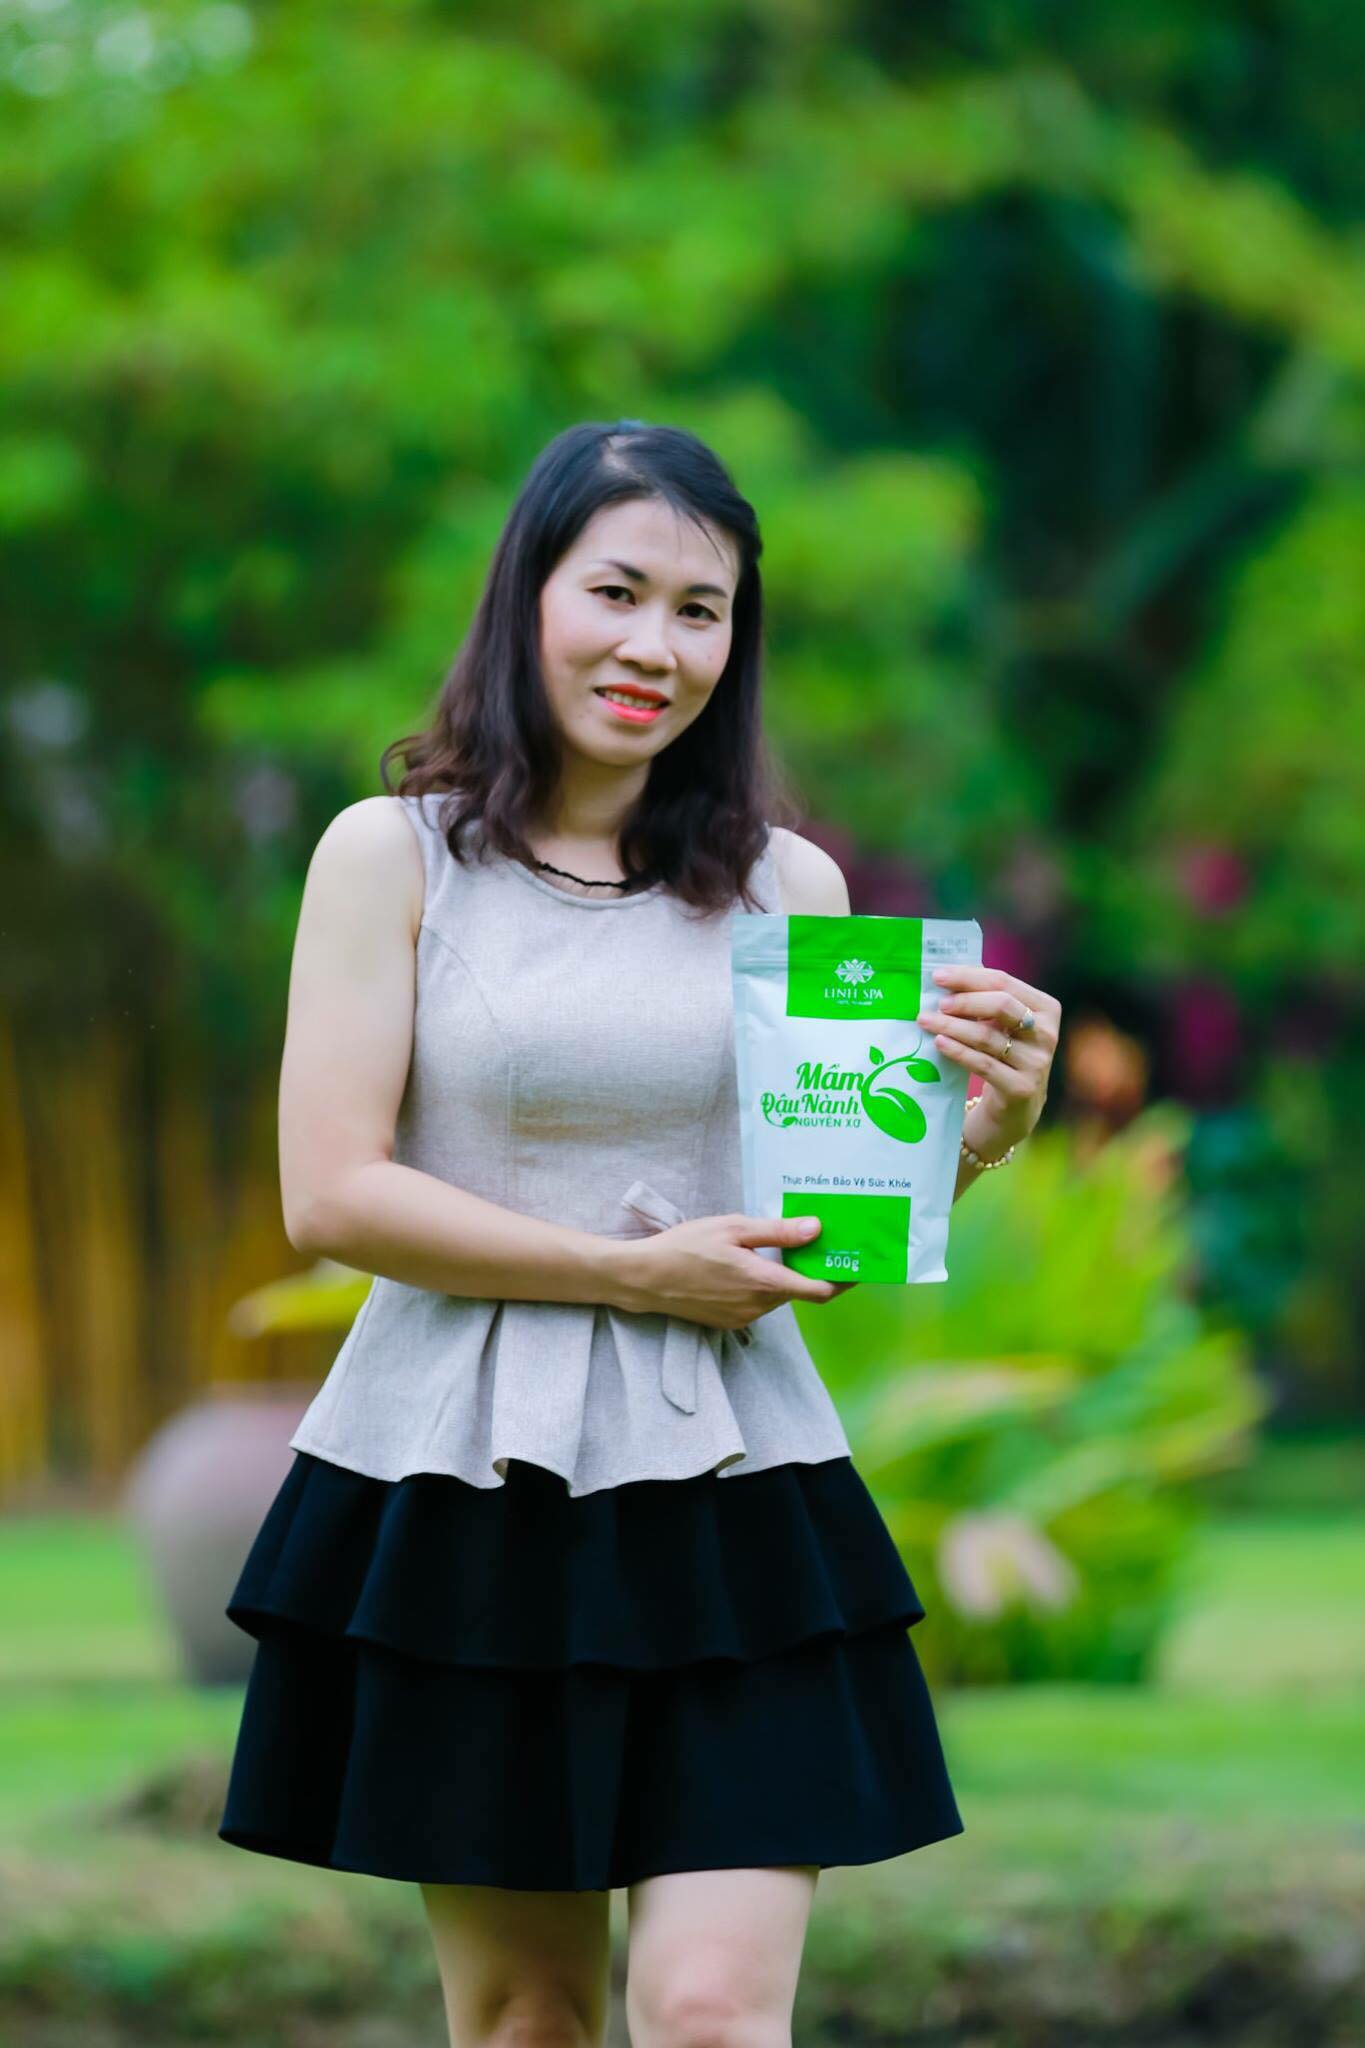 Vũ Thị Hồng Nam